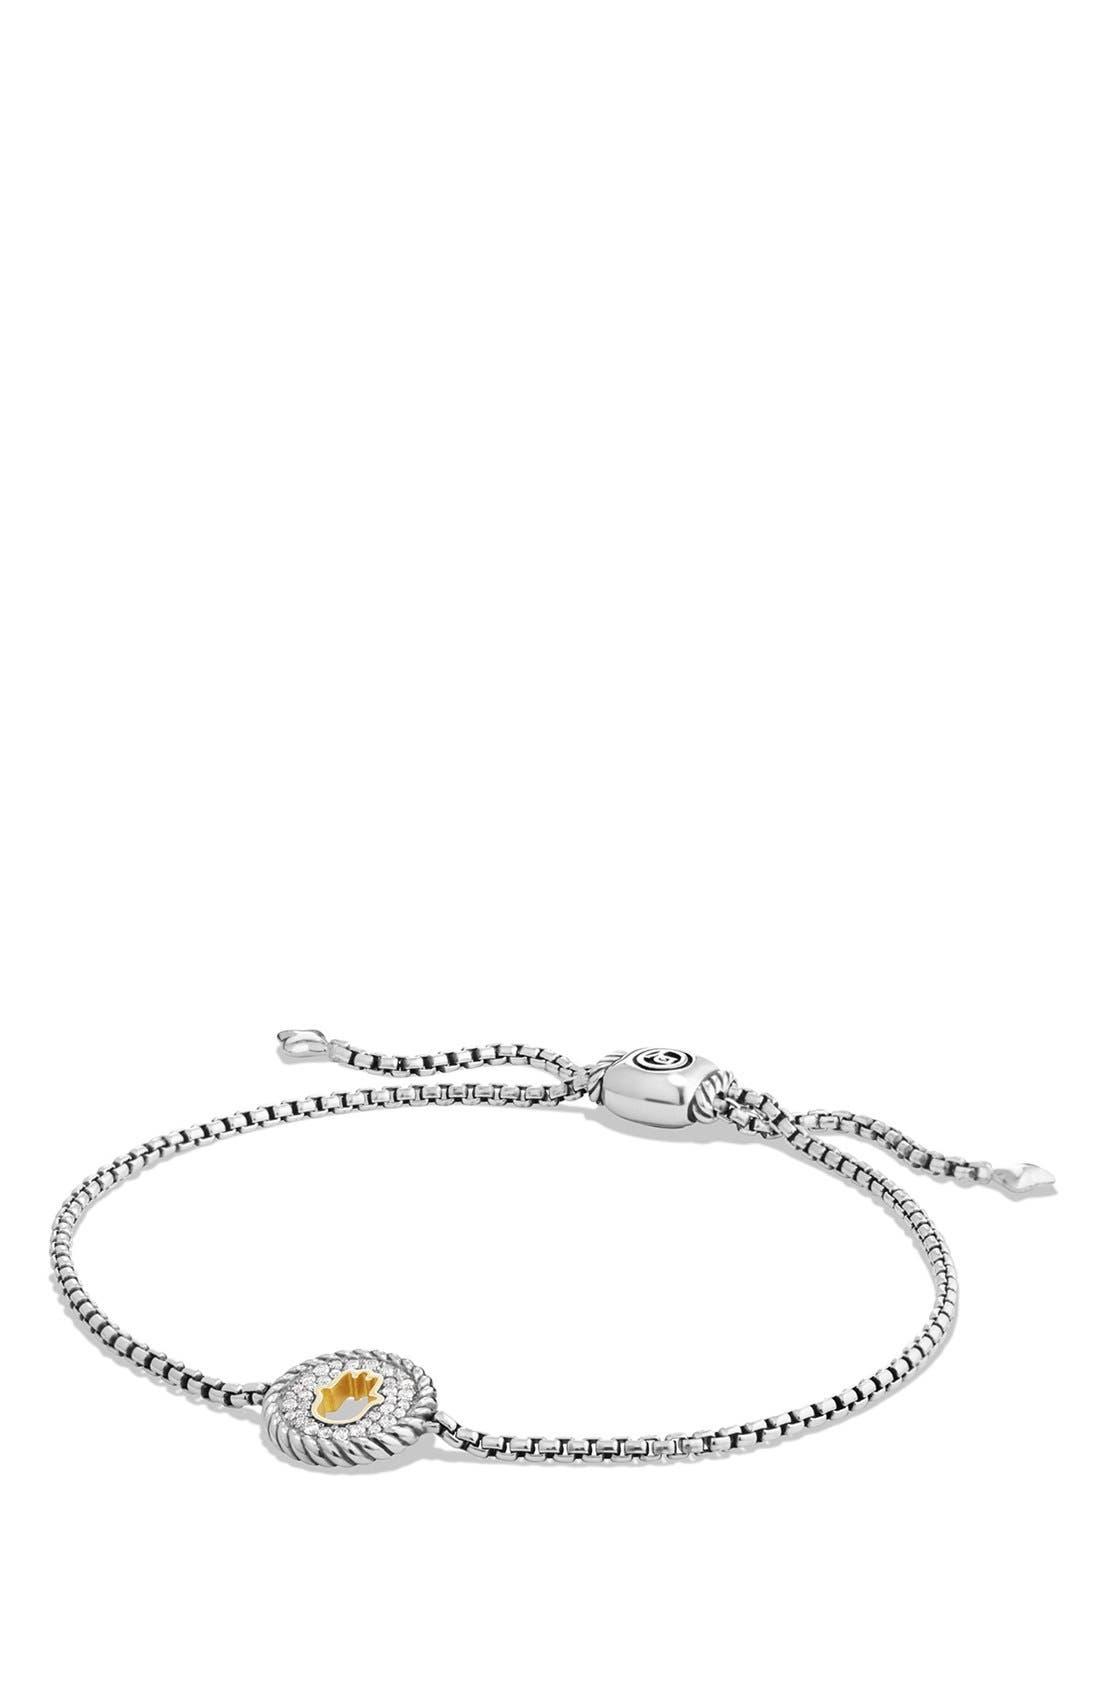 'Cable Collection' Petite Pavé Hamsa Bracelet,                         Main,                         color, Silver/ Gold